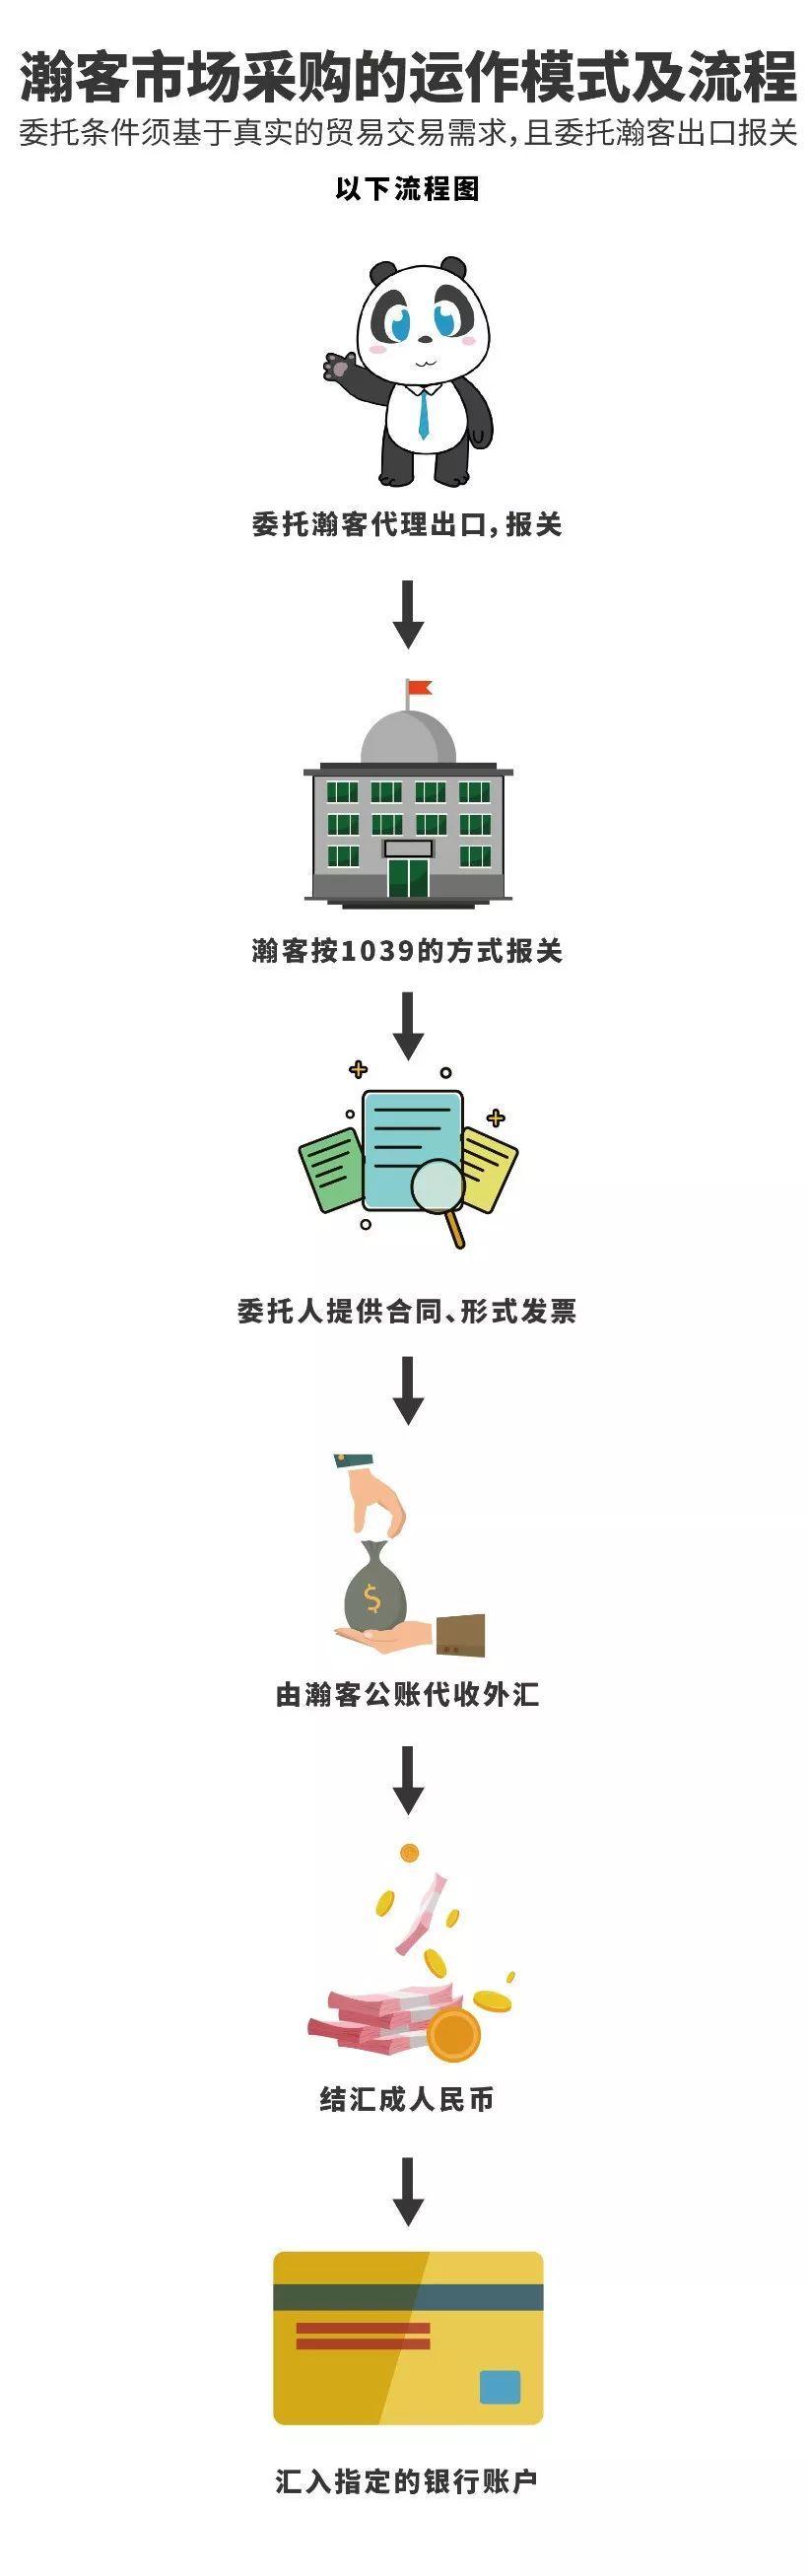 干货!外贸收美金这样做合法又方便!